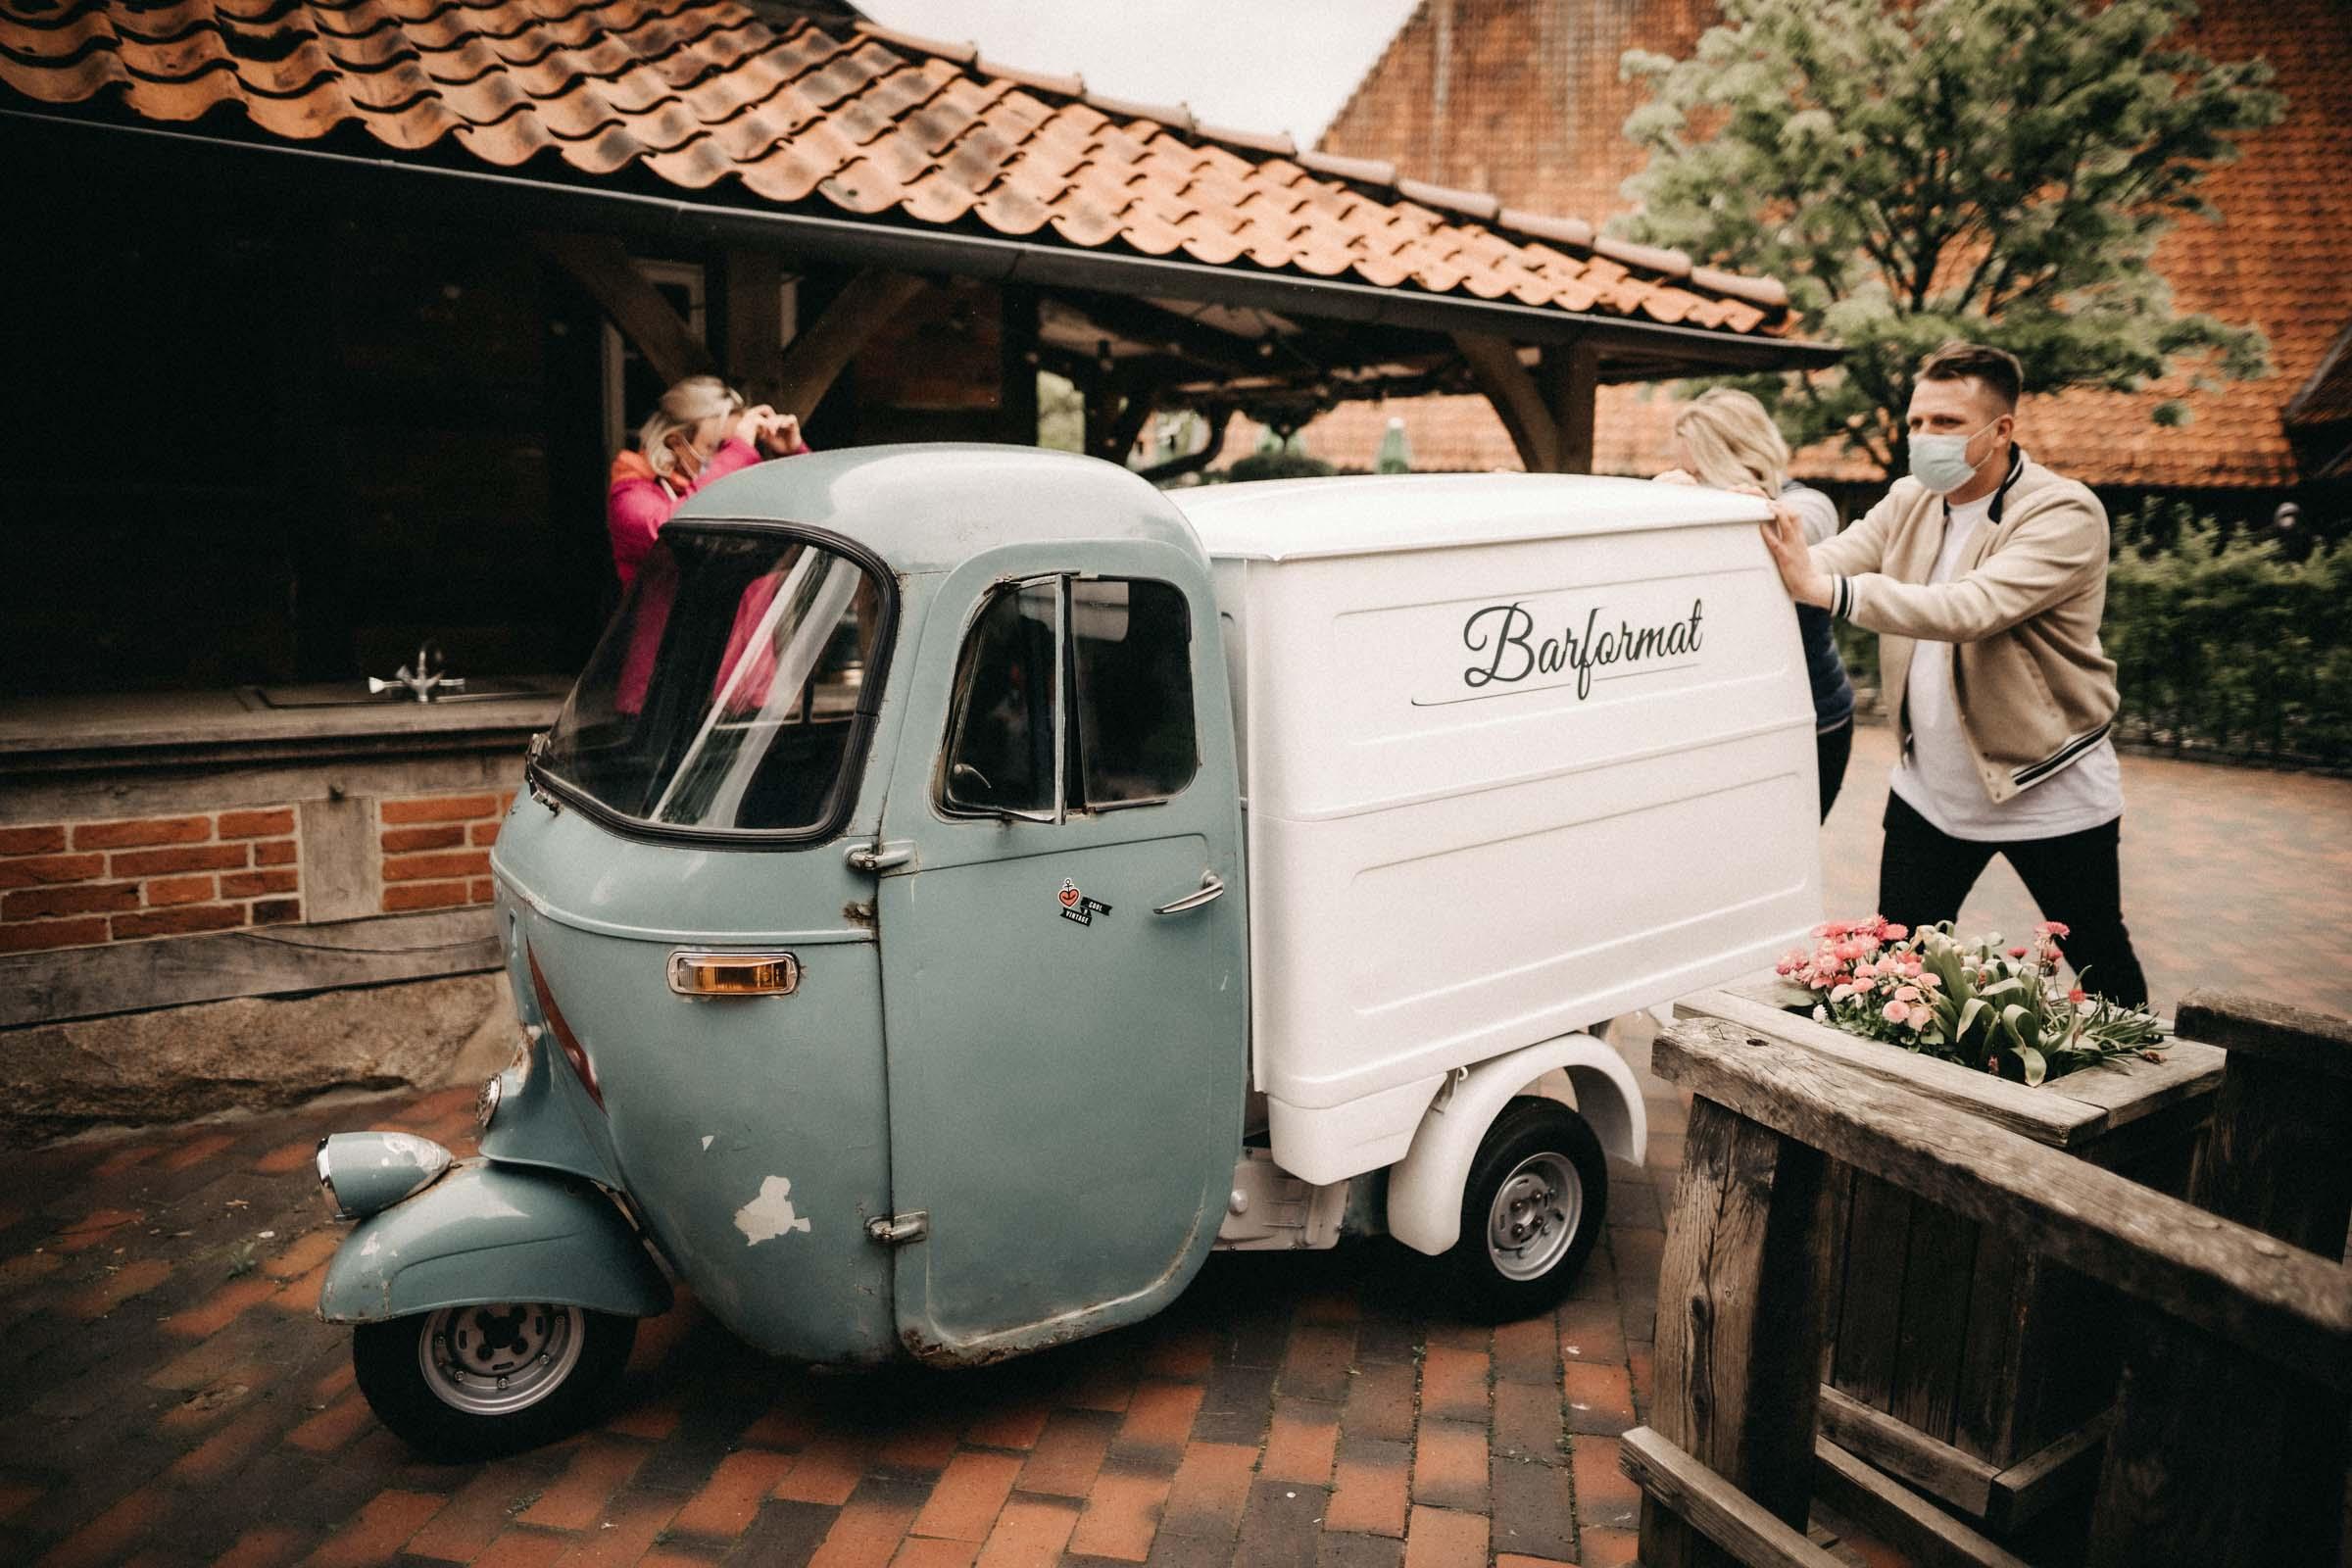 Mobile | Bar | Hannover | Hamburg | Bremen | Braunschweig | Wein | Bier | Sekt | Sektempfang | Bulli | Bar | Hochzeit | Cocktailservice | Barkeeper | Messen | Firmenfeiern | Catering | Food | Truck | Getränke | Barformat